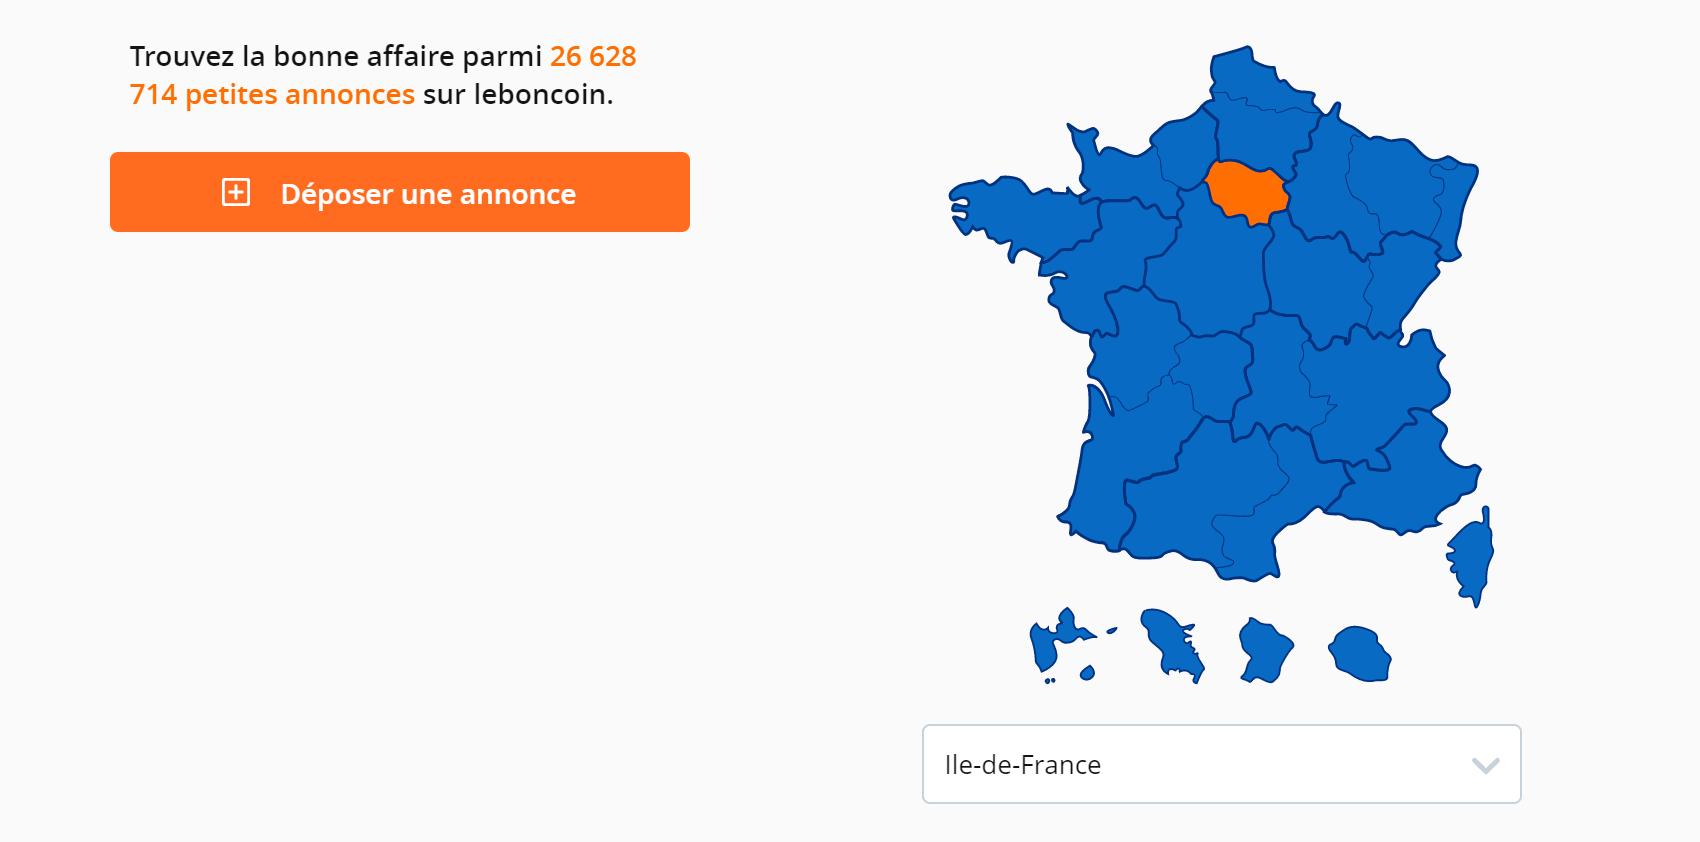 На сайте Leboncoin — «приятный уголок» — квартиру можно искать не только в Париже, но и во всех регионах Франции, в том числе в заморских департаментах — это островки внизу карты. Оранжевым отмечен столичный регион Иль-де-Франс